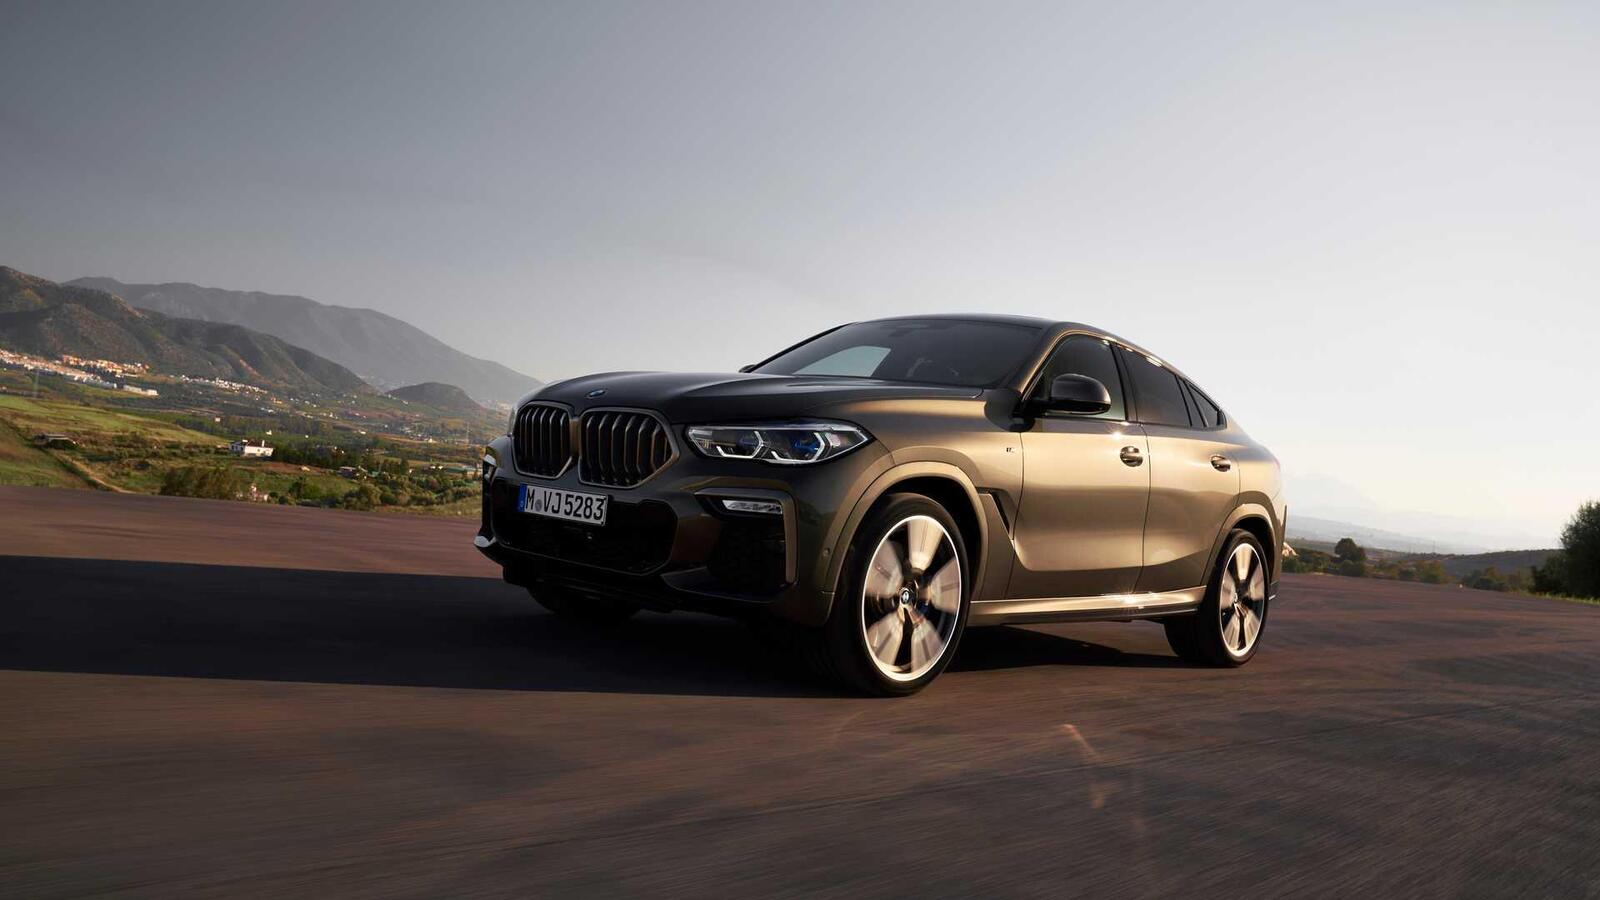 Thế hệ mới BMW X6 2020 chính thức ra mắt - Hình 5